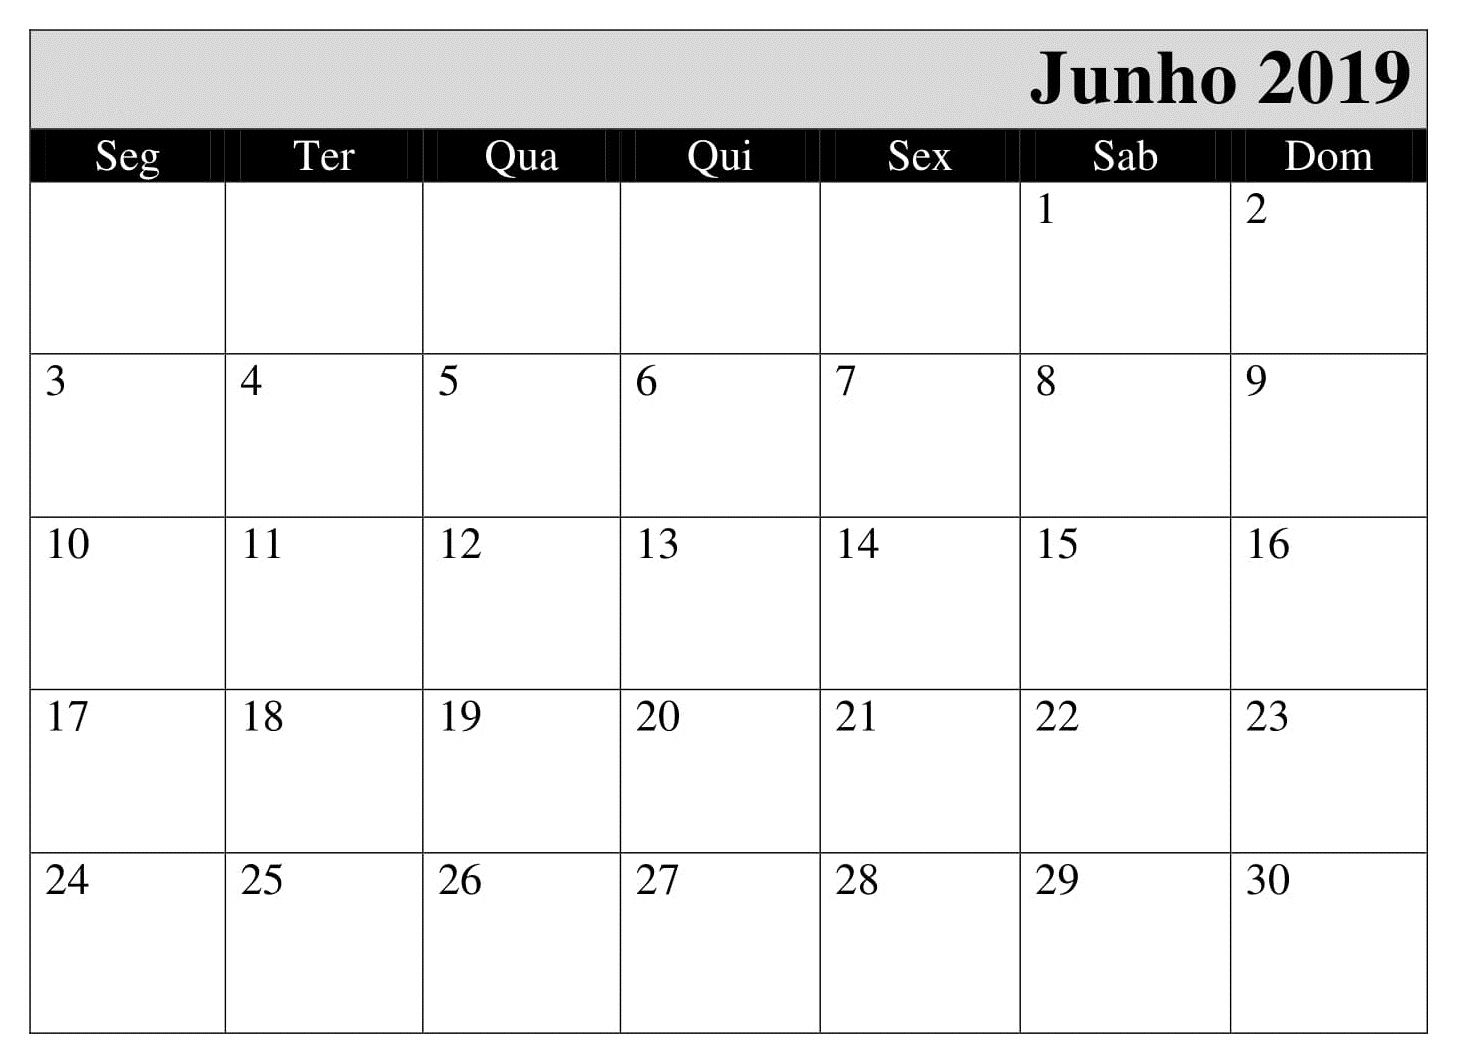 Junho Calendario Pormes 2019 Para Imprimir June 2019 Calendar